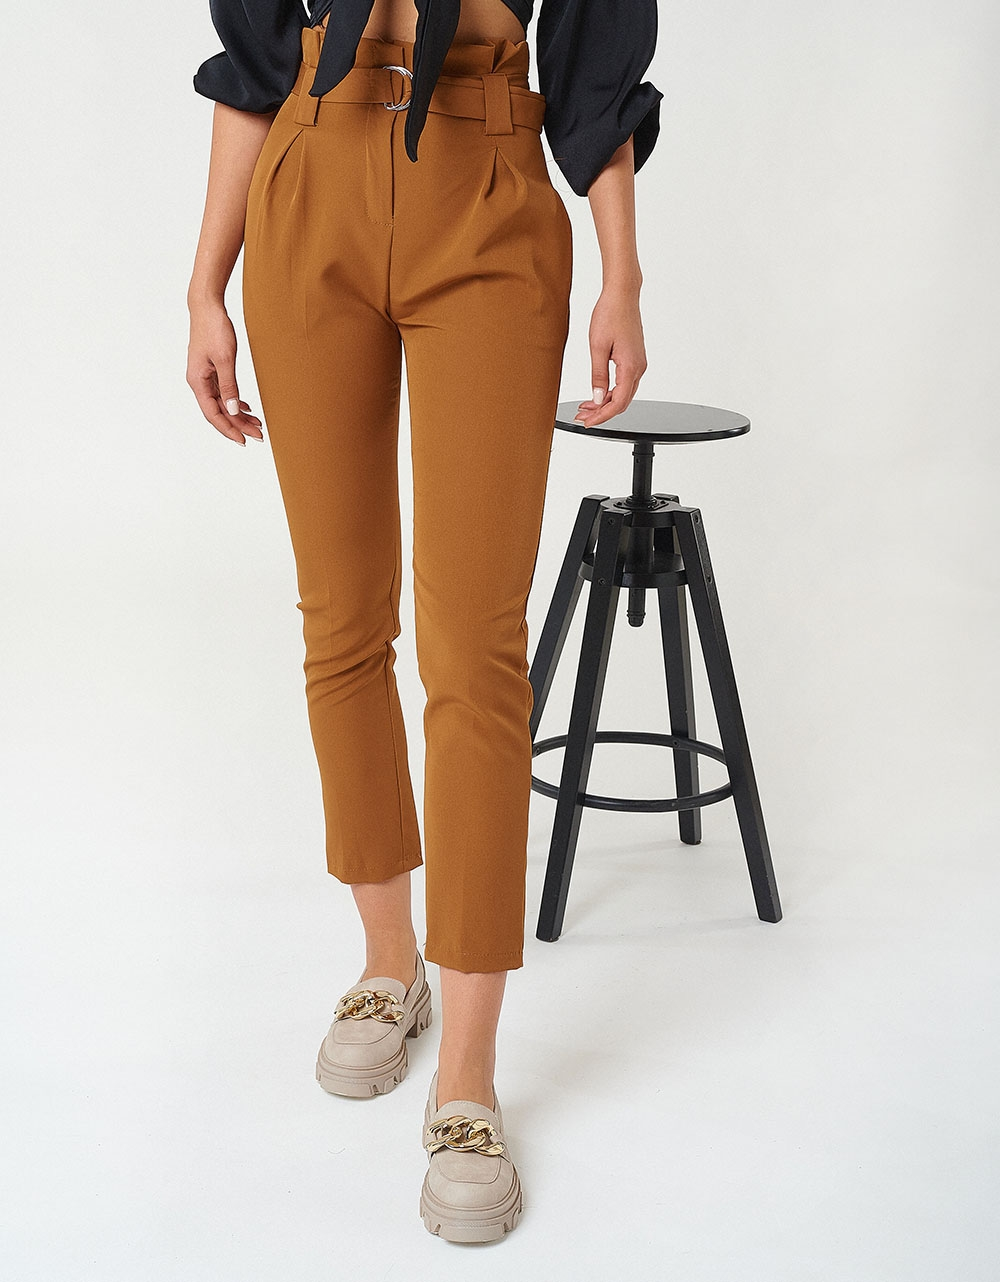 Εικόνα από Γυναικείο υφασμάτινο παντελόνι με πιέτες Ταμπά